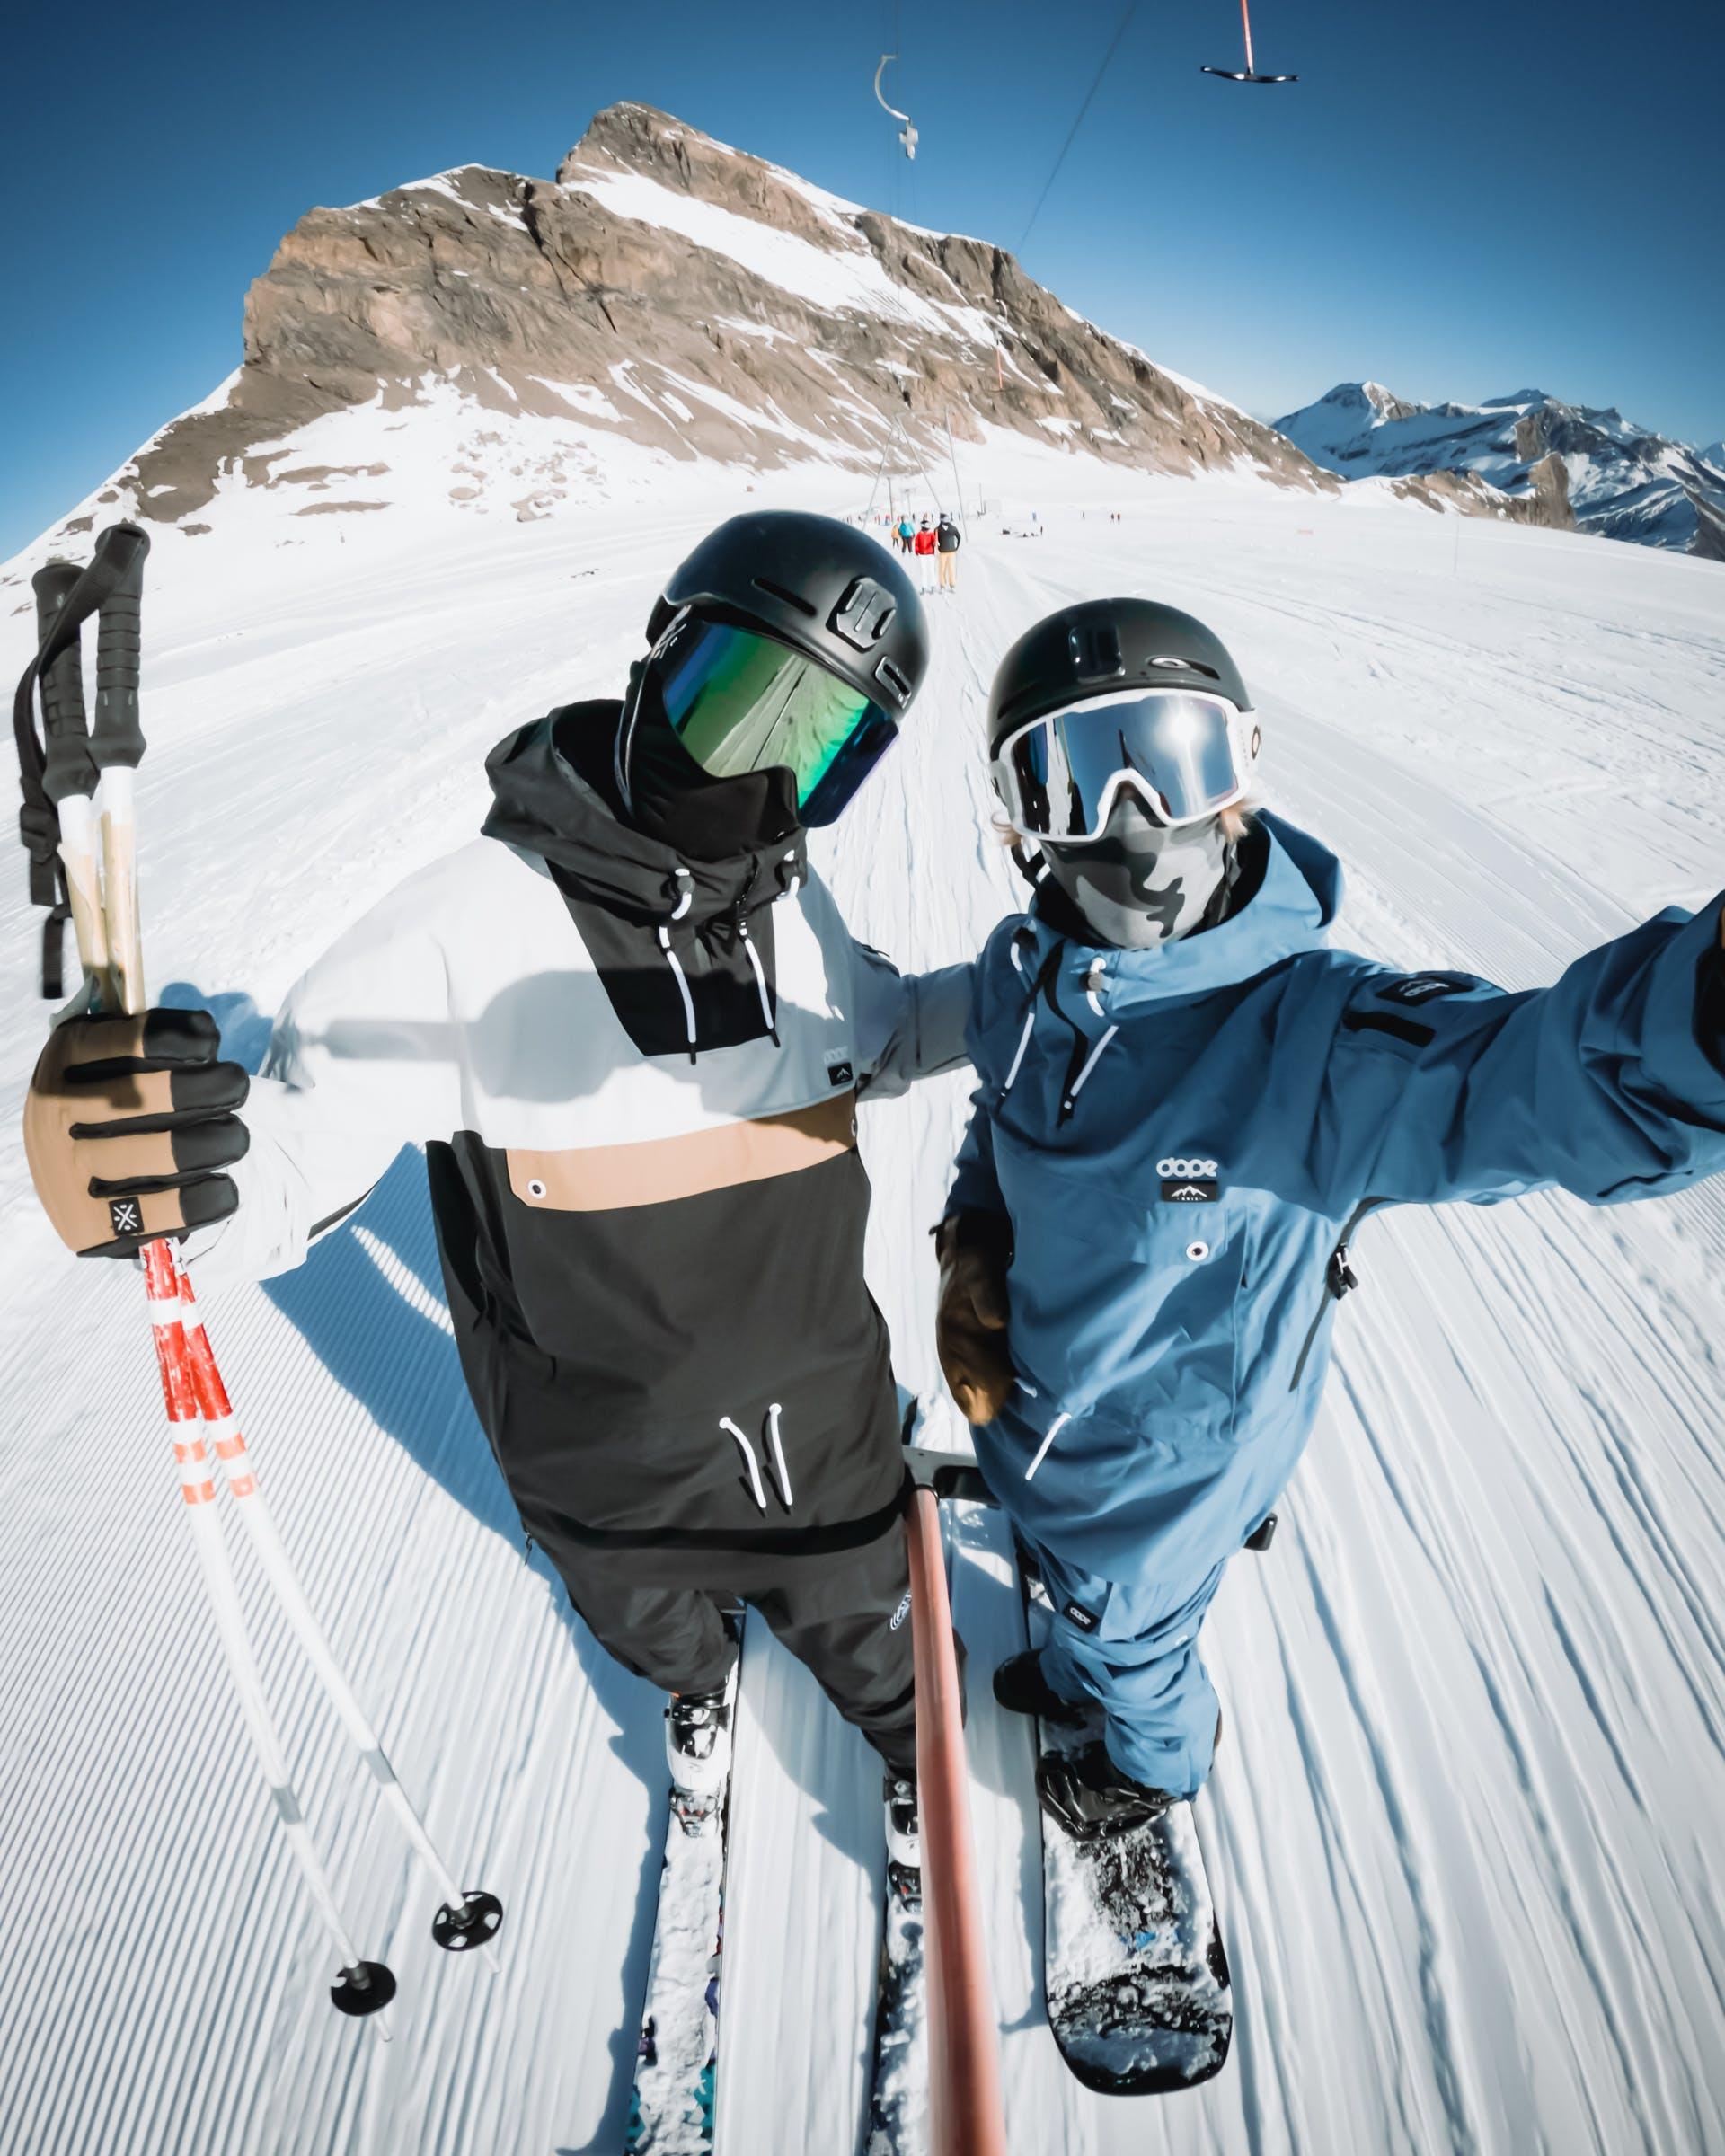 snow lifts ski vs snowboard